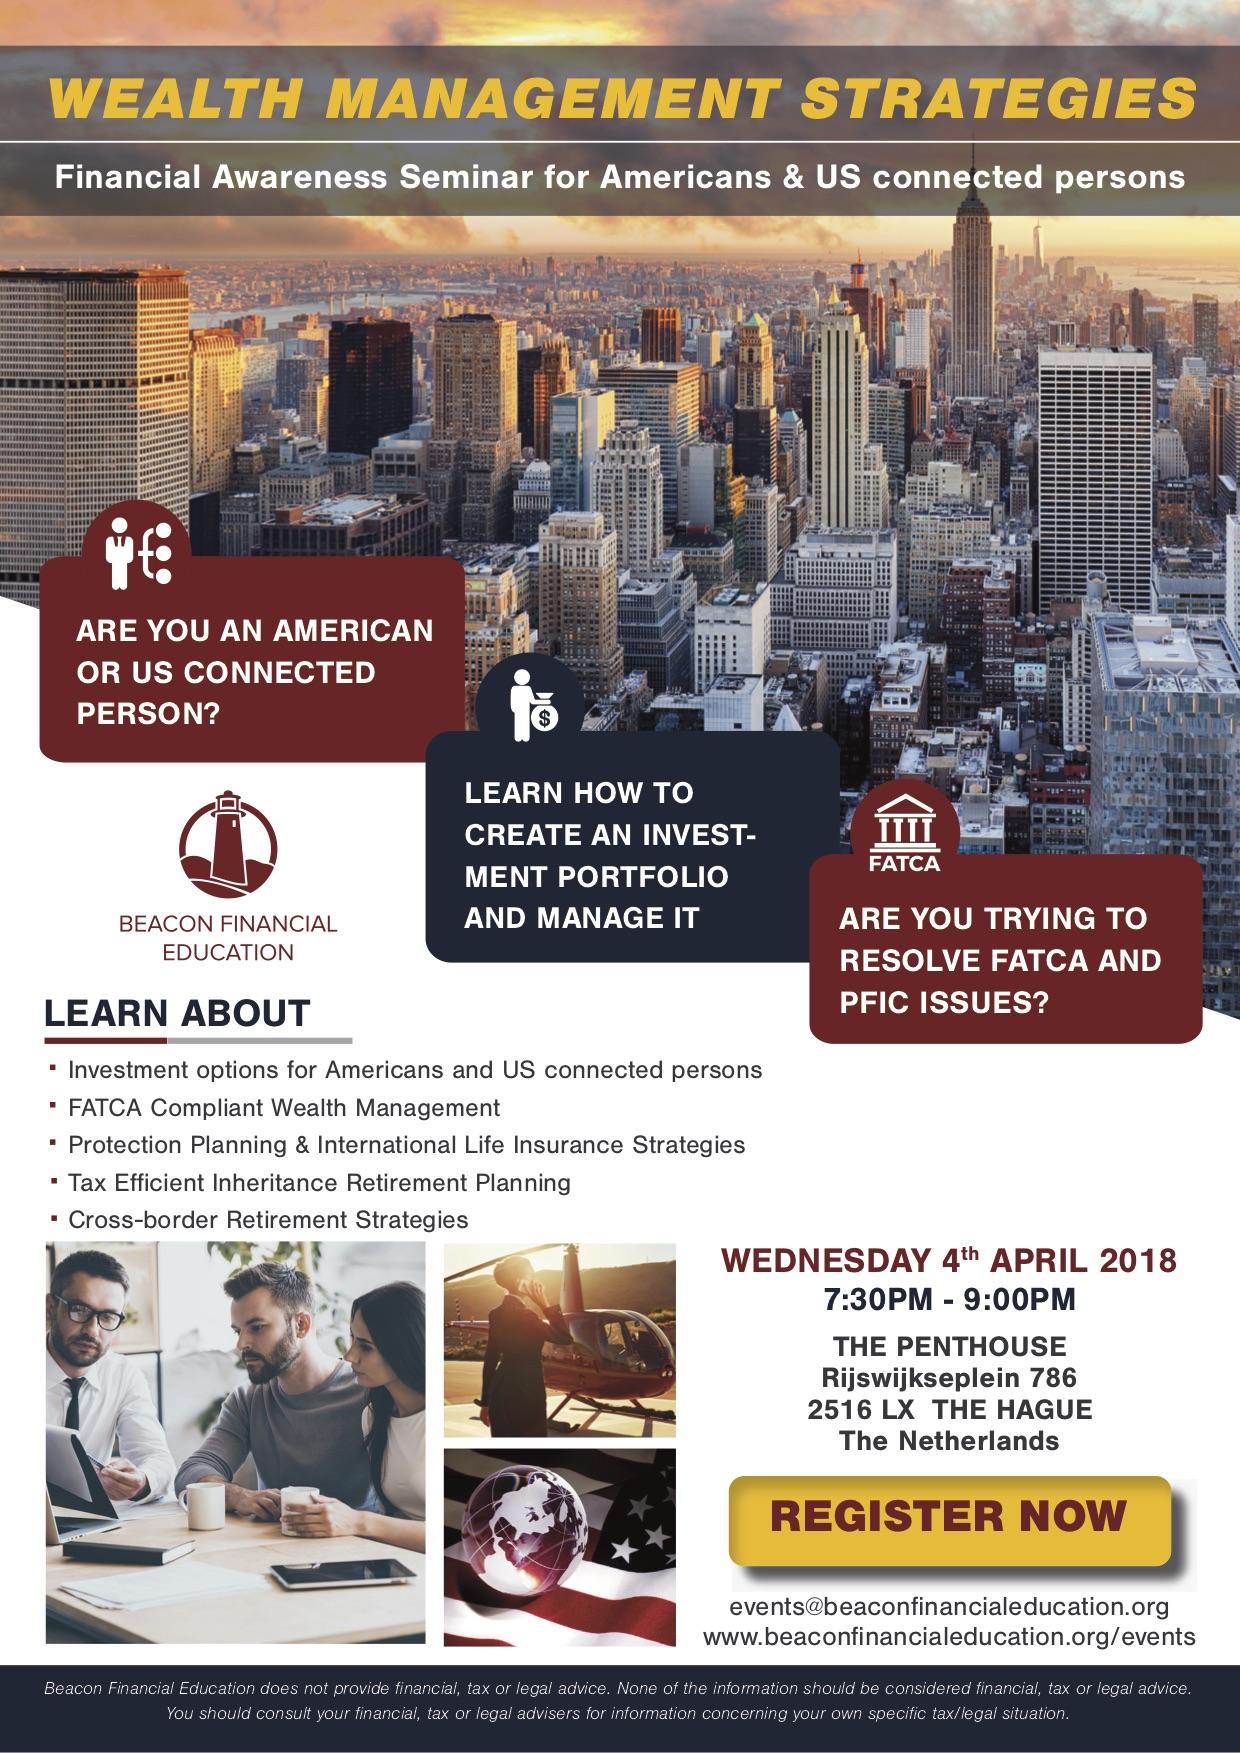 Financial Awareness Seminar The Hague 4 April